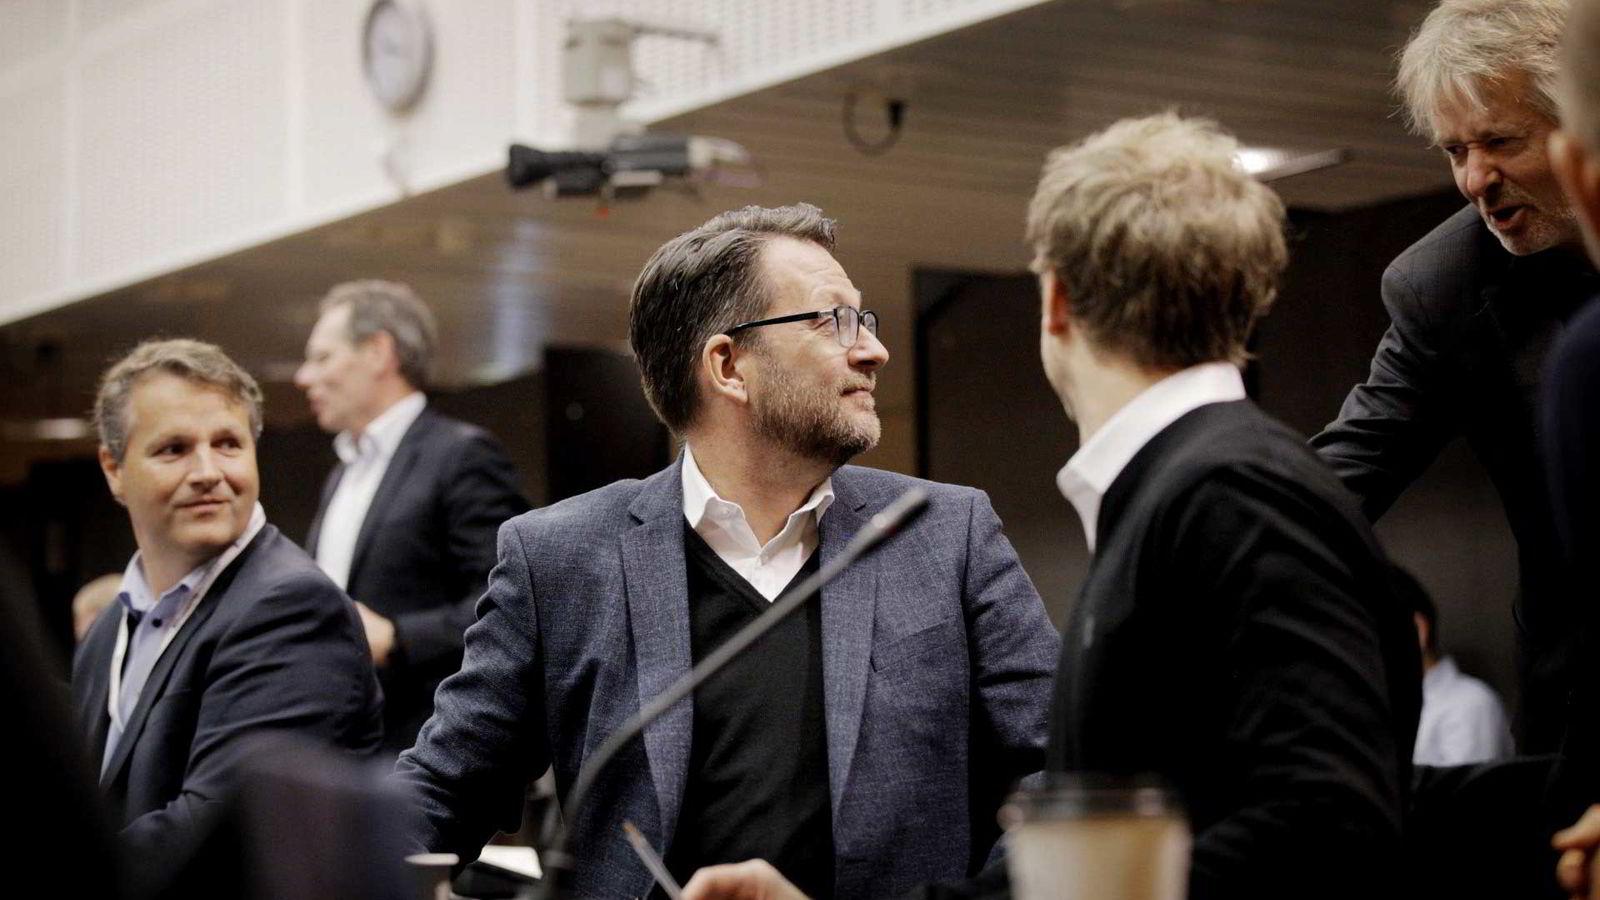 Discovery-sjef Harald Strømme i samtale med VGs redaktør Torry Pedersen under mediebransjens møte med kulturministeren fredag. Foto: Javier Auris Chavez